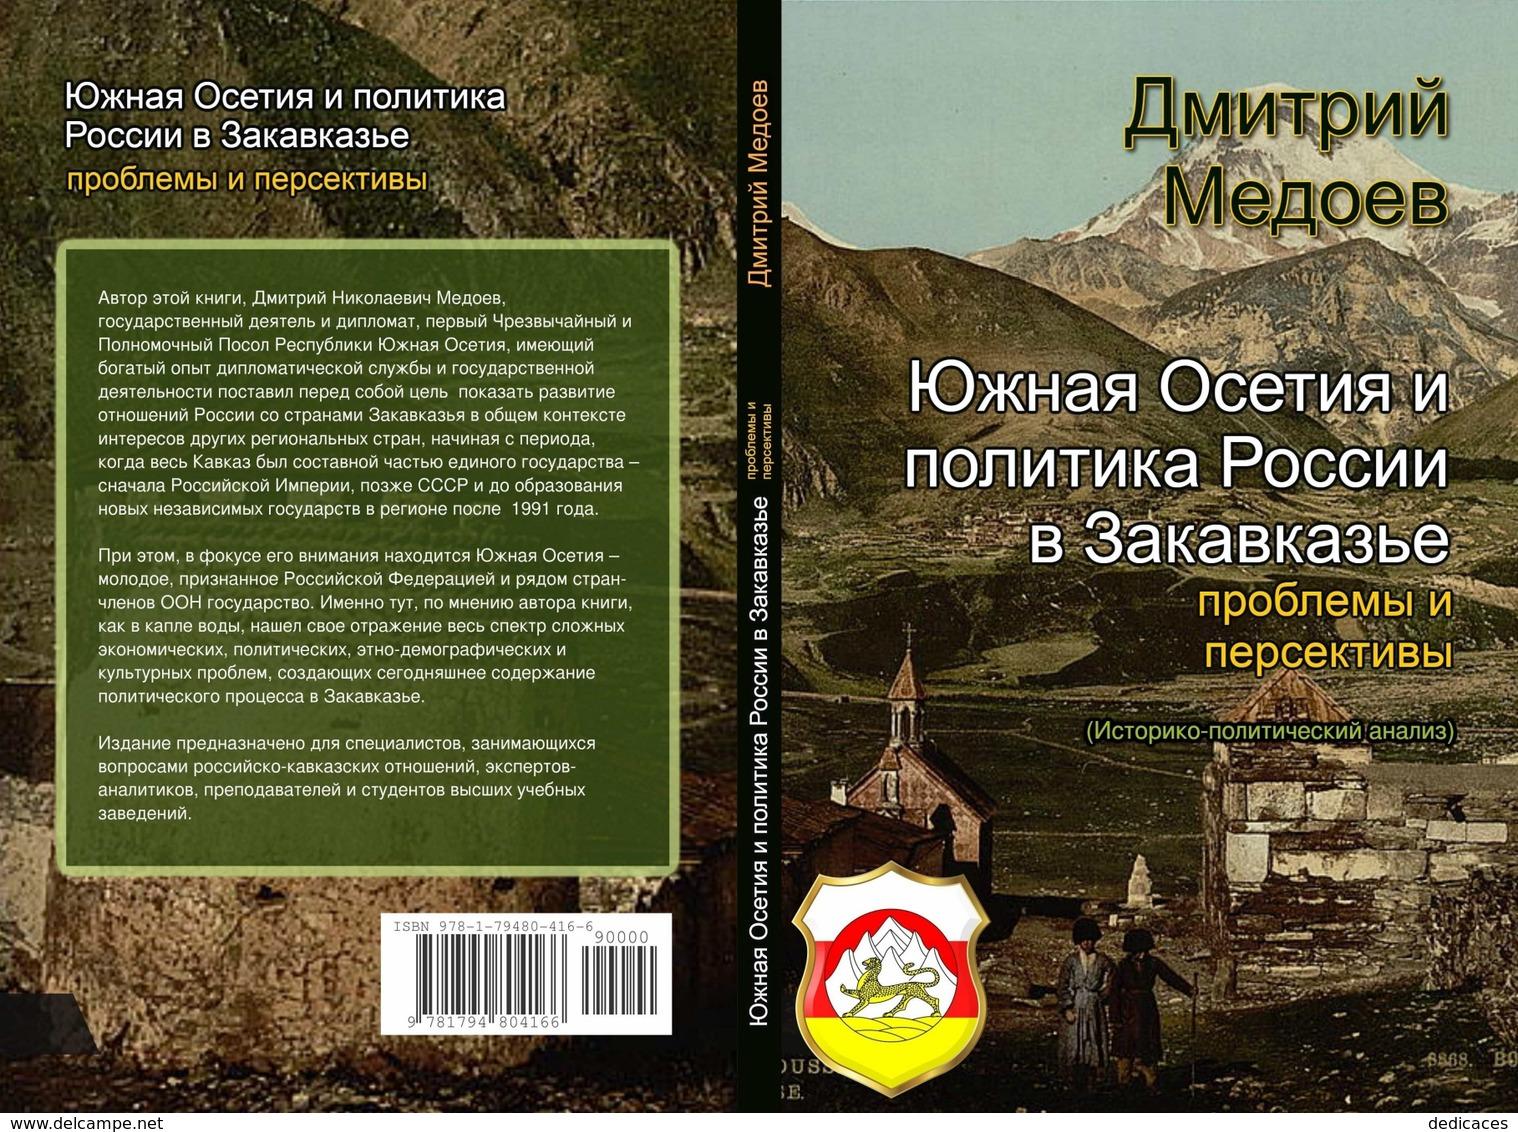 Южная Осетия и политика России в Закавказье: проблемы и персективы (Историко-политический анализ) - Langues Slaves